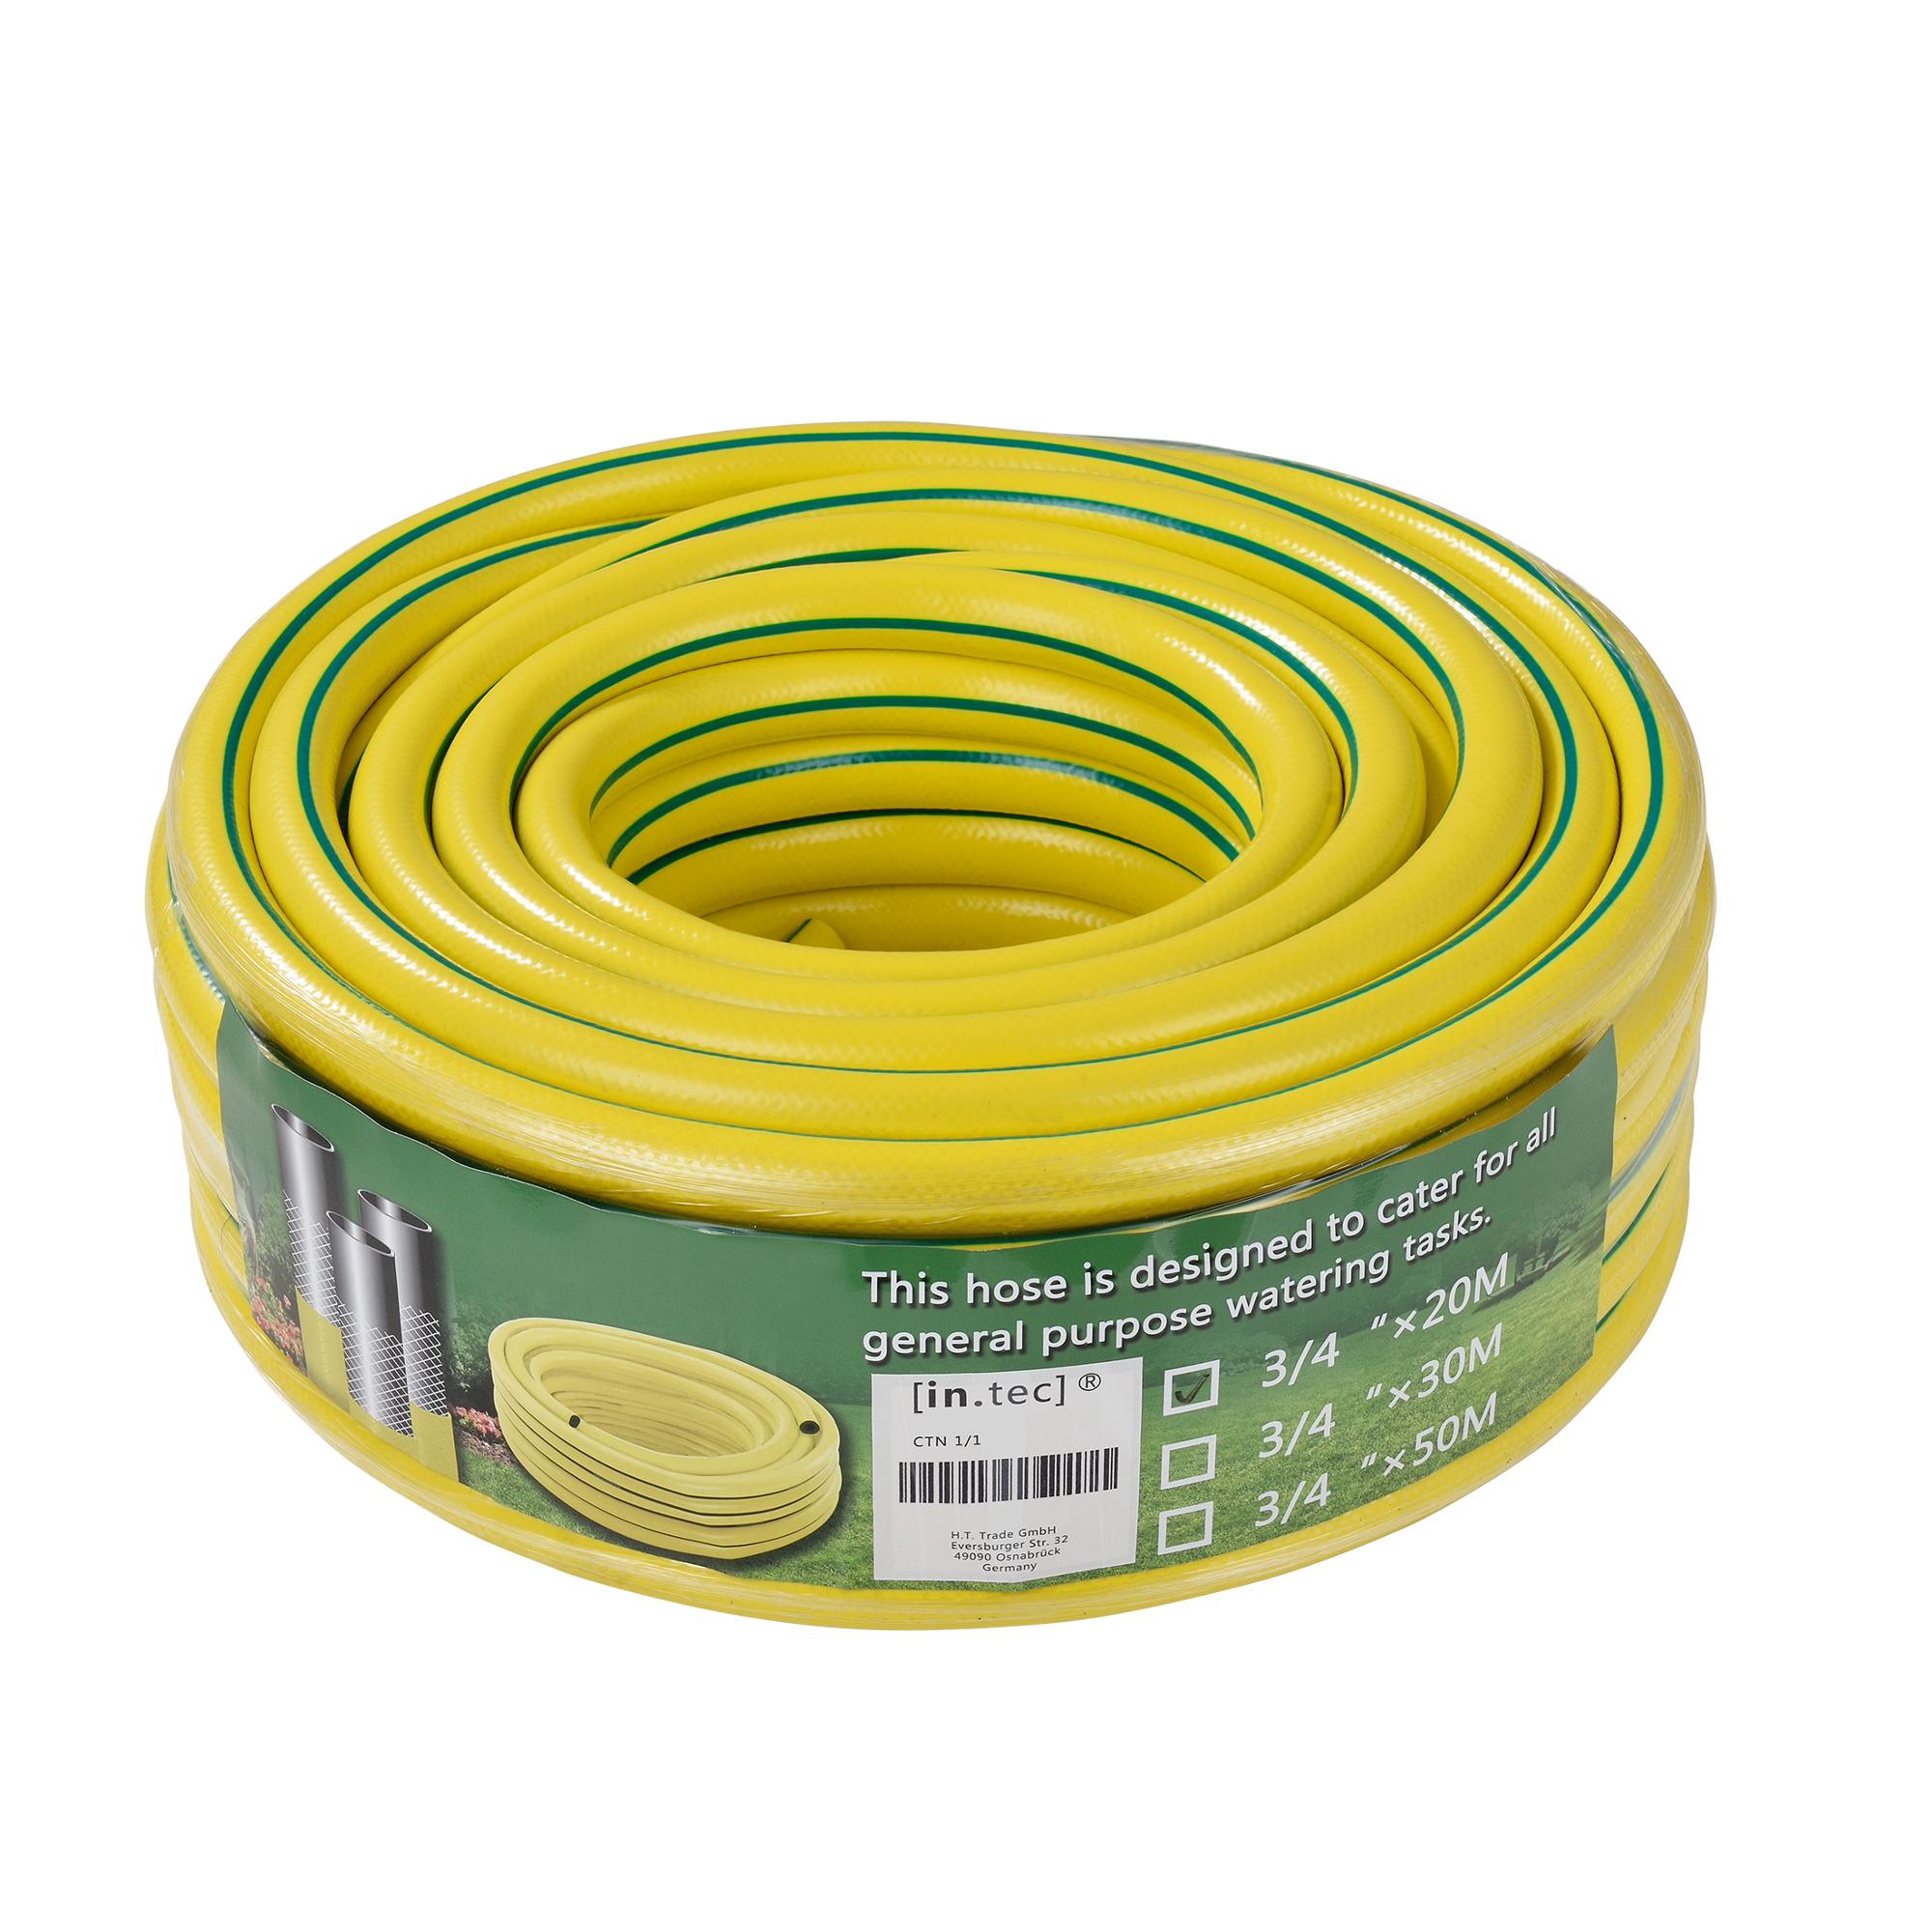 [in.tec]® zahradní hadice / kropicí hadice,žlutá zelená proužek,20 m,3/4